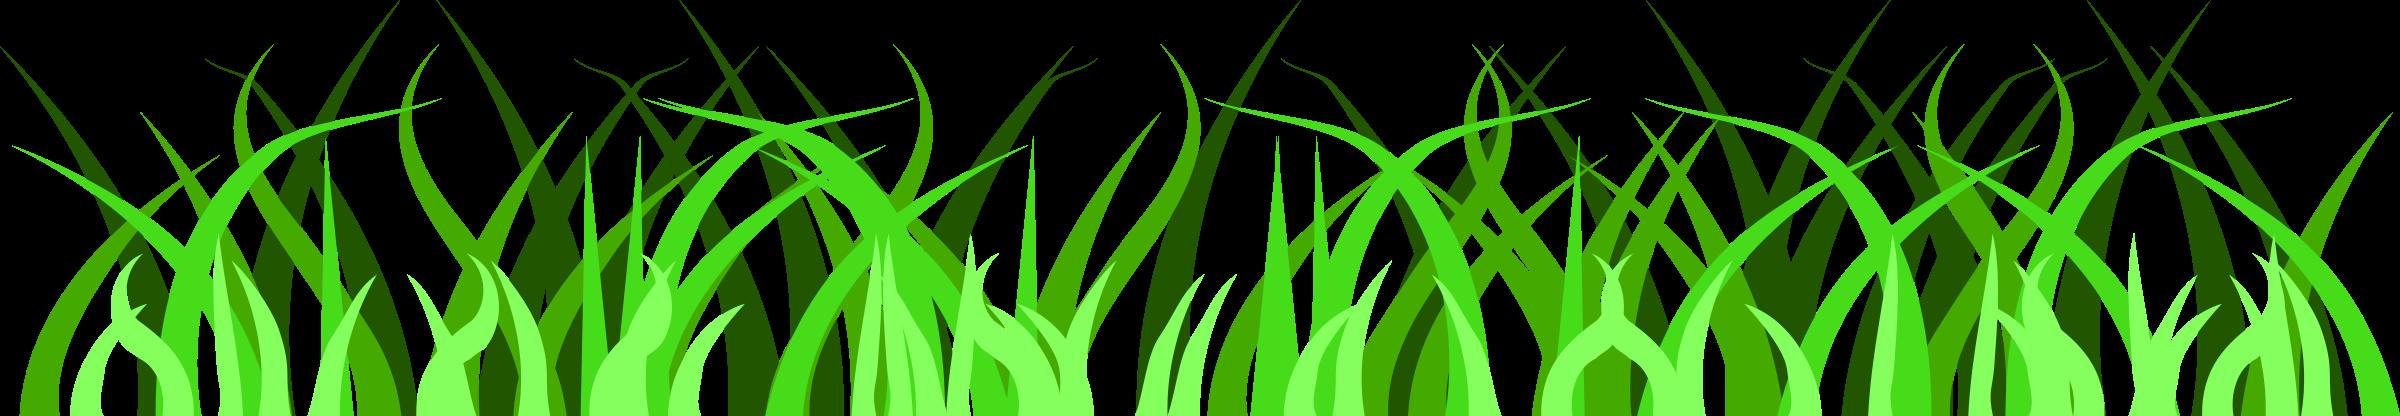 Ground grassy ground